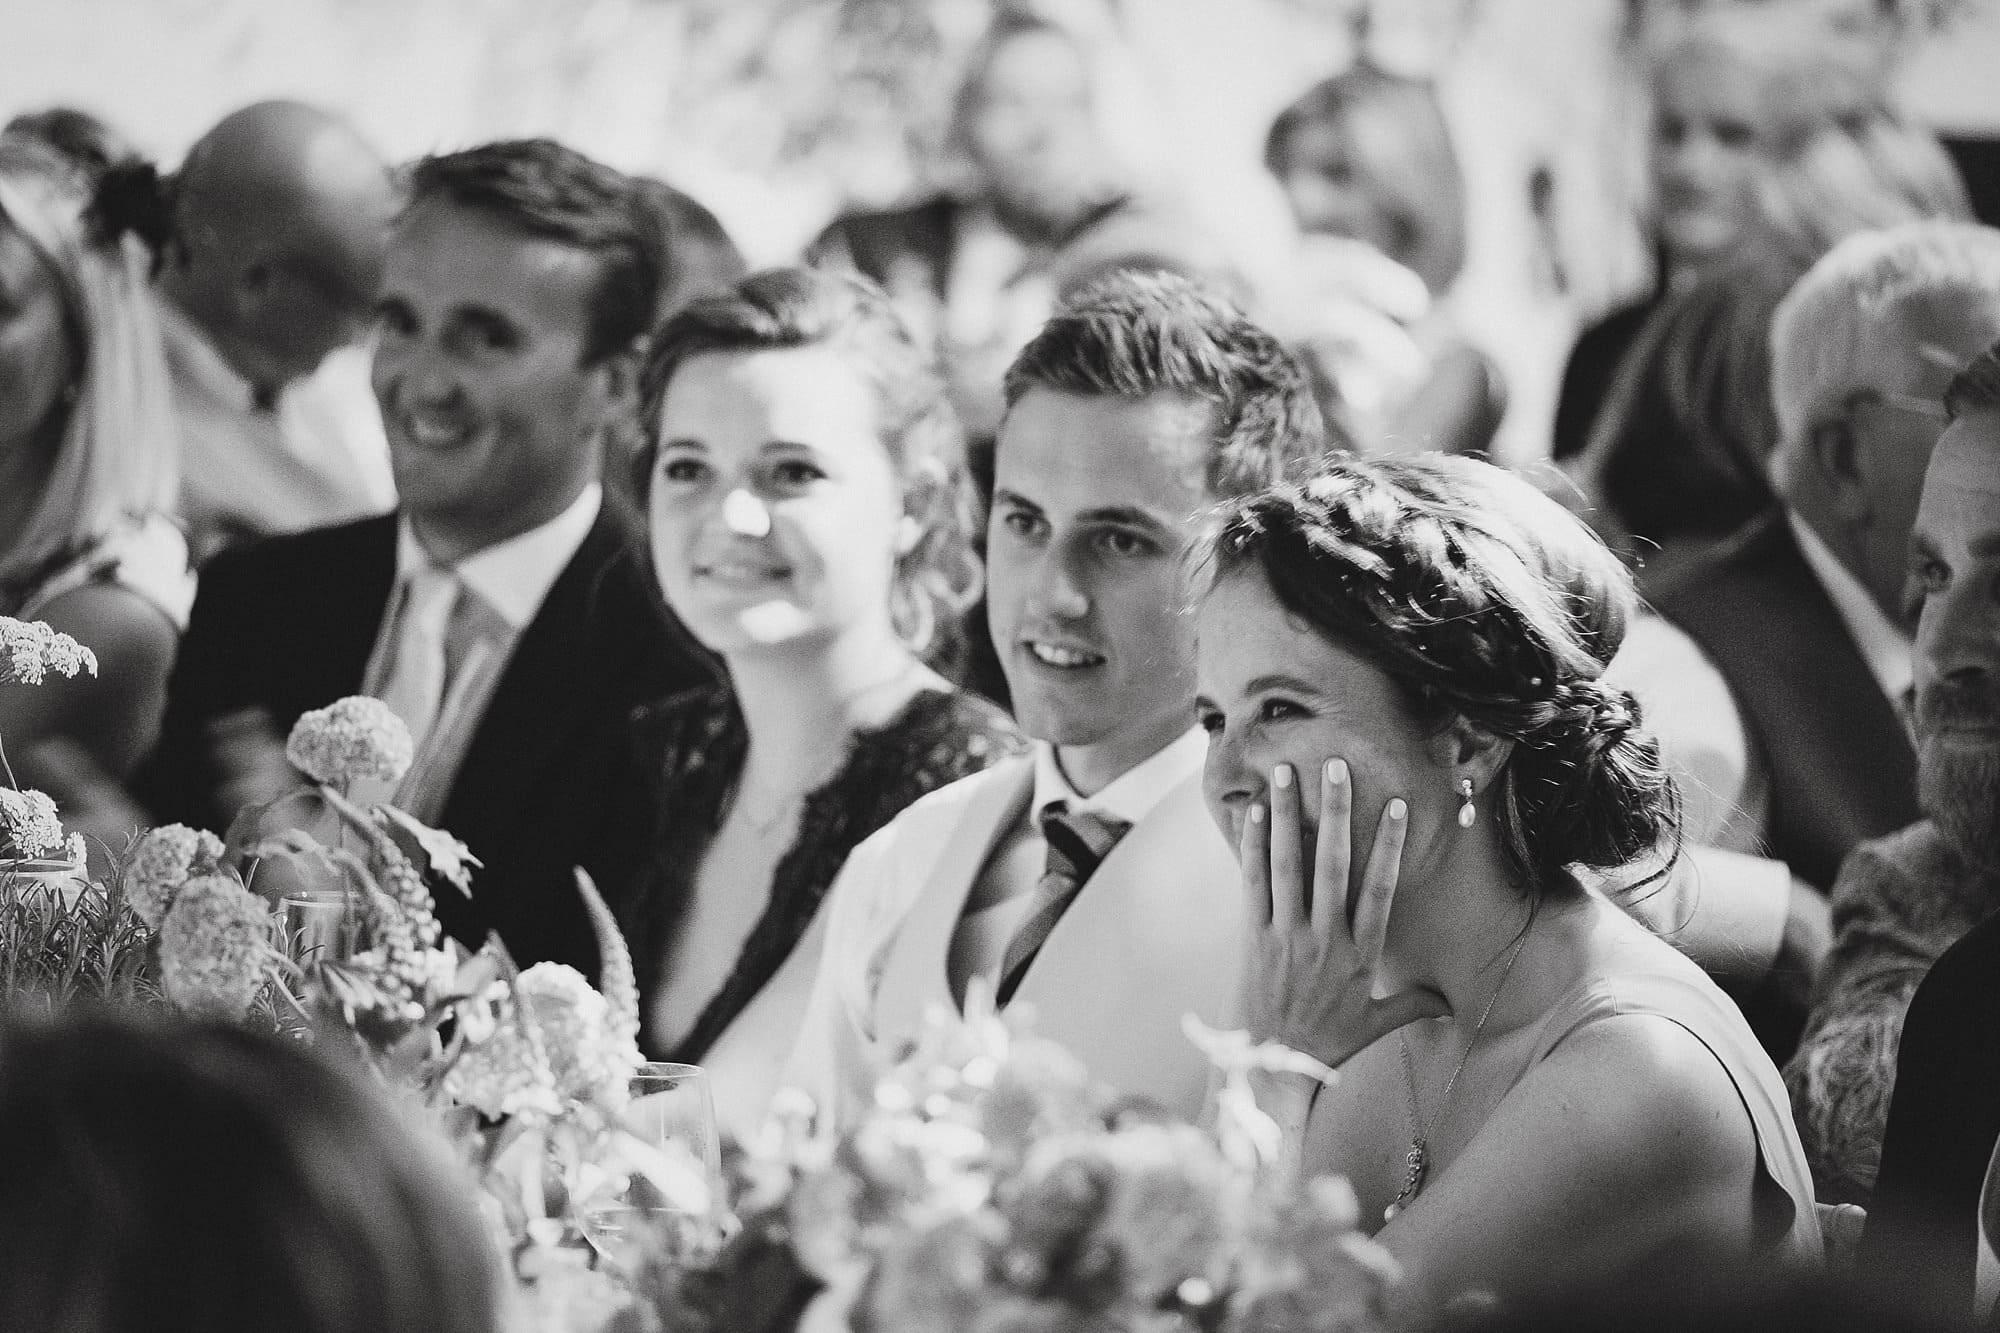 fulham palace wedding photographer 079 - Rosanna & Duncan's Fulham Palace Wedding